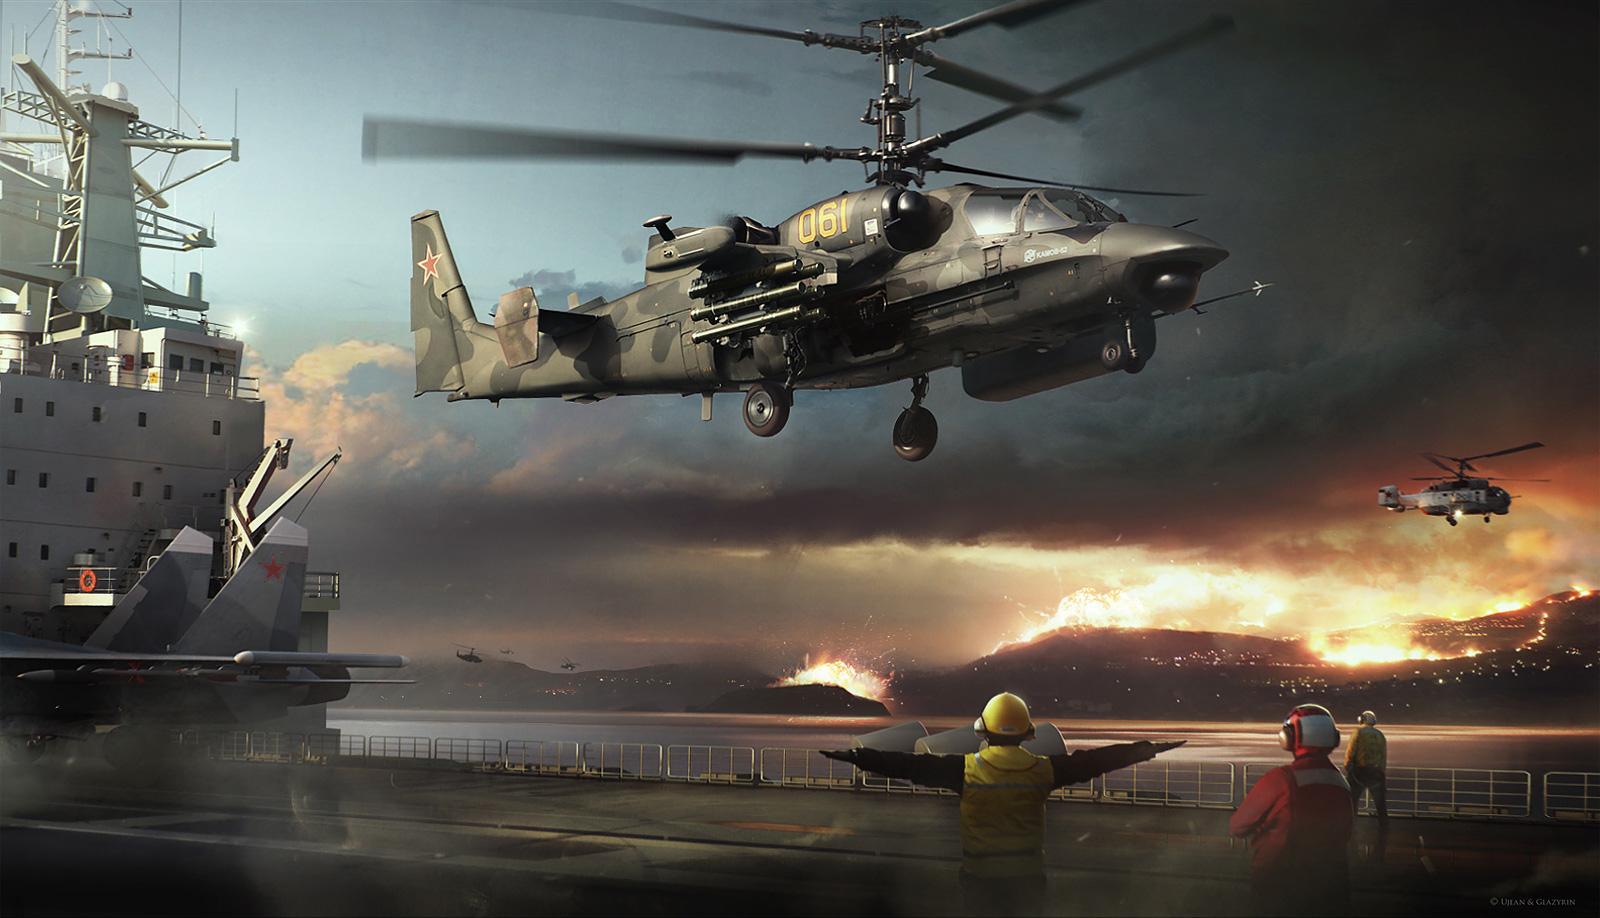 Kamov Ka-52 Alligator wallpapers HD quality